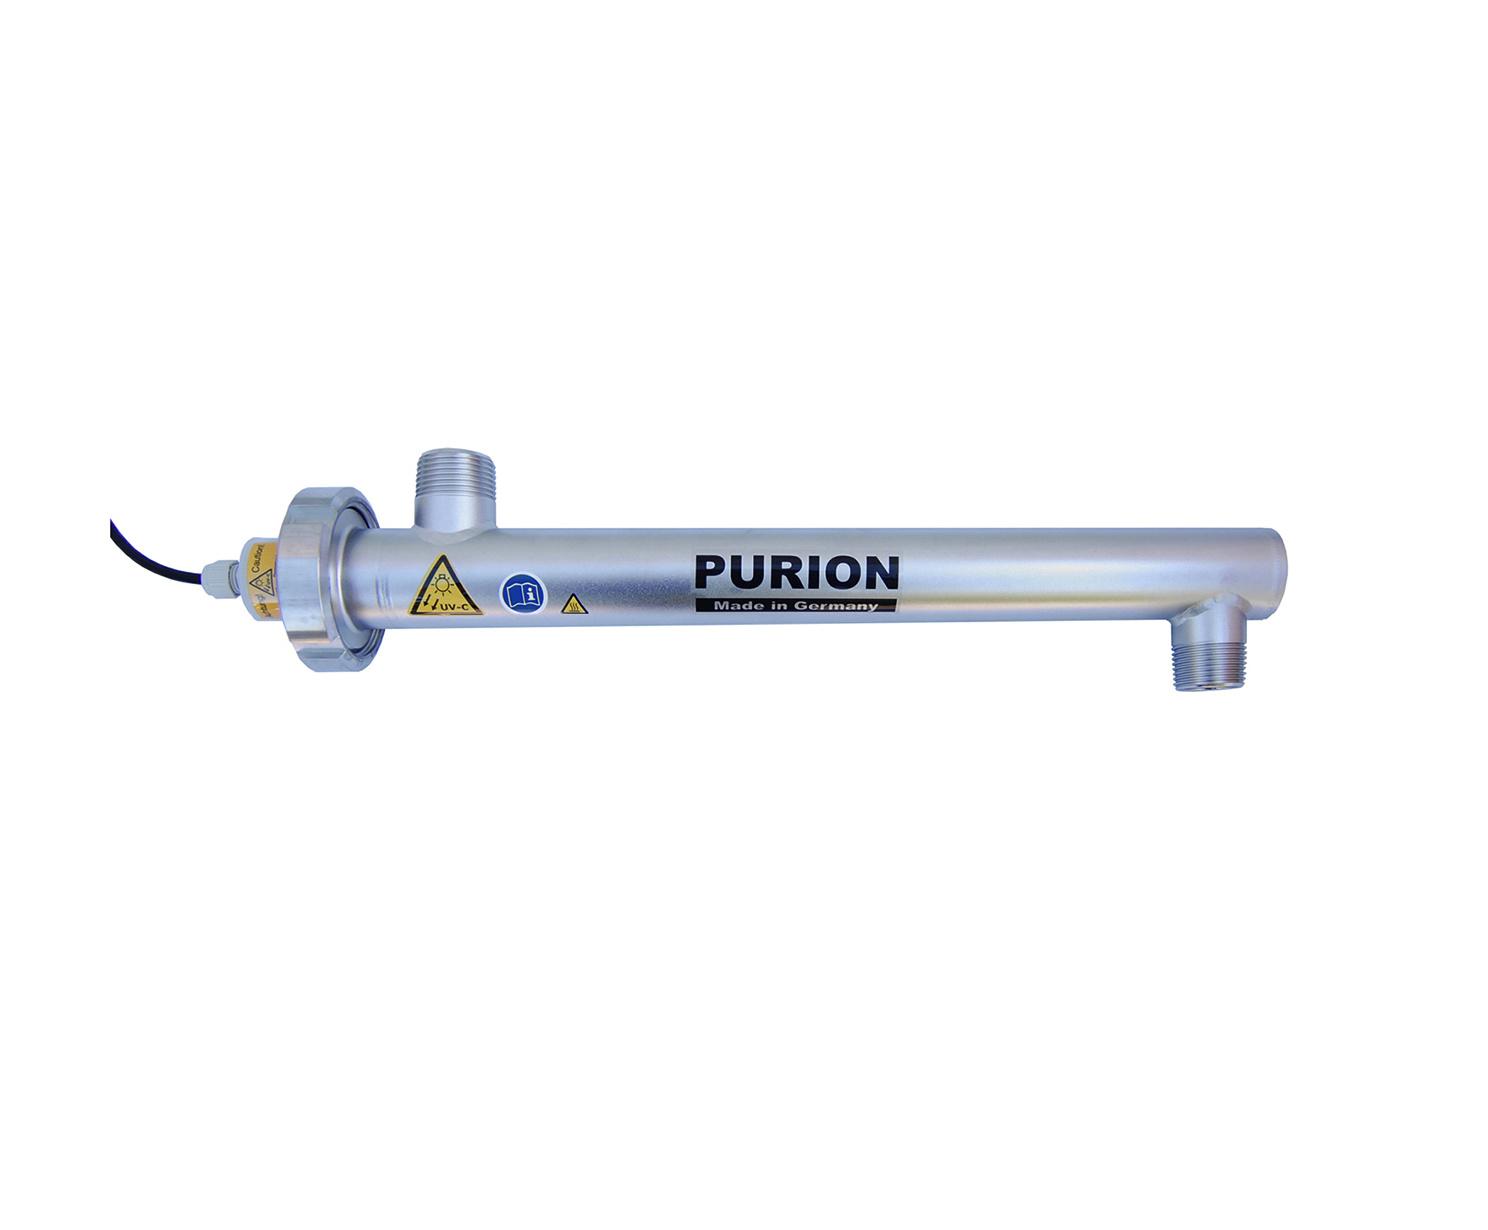 Purion Wasserentkeimung mit UV-Geräten von Purion